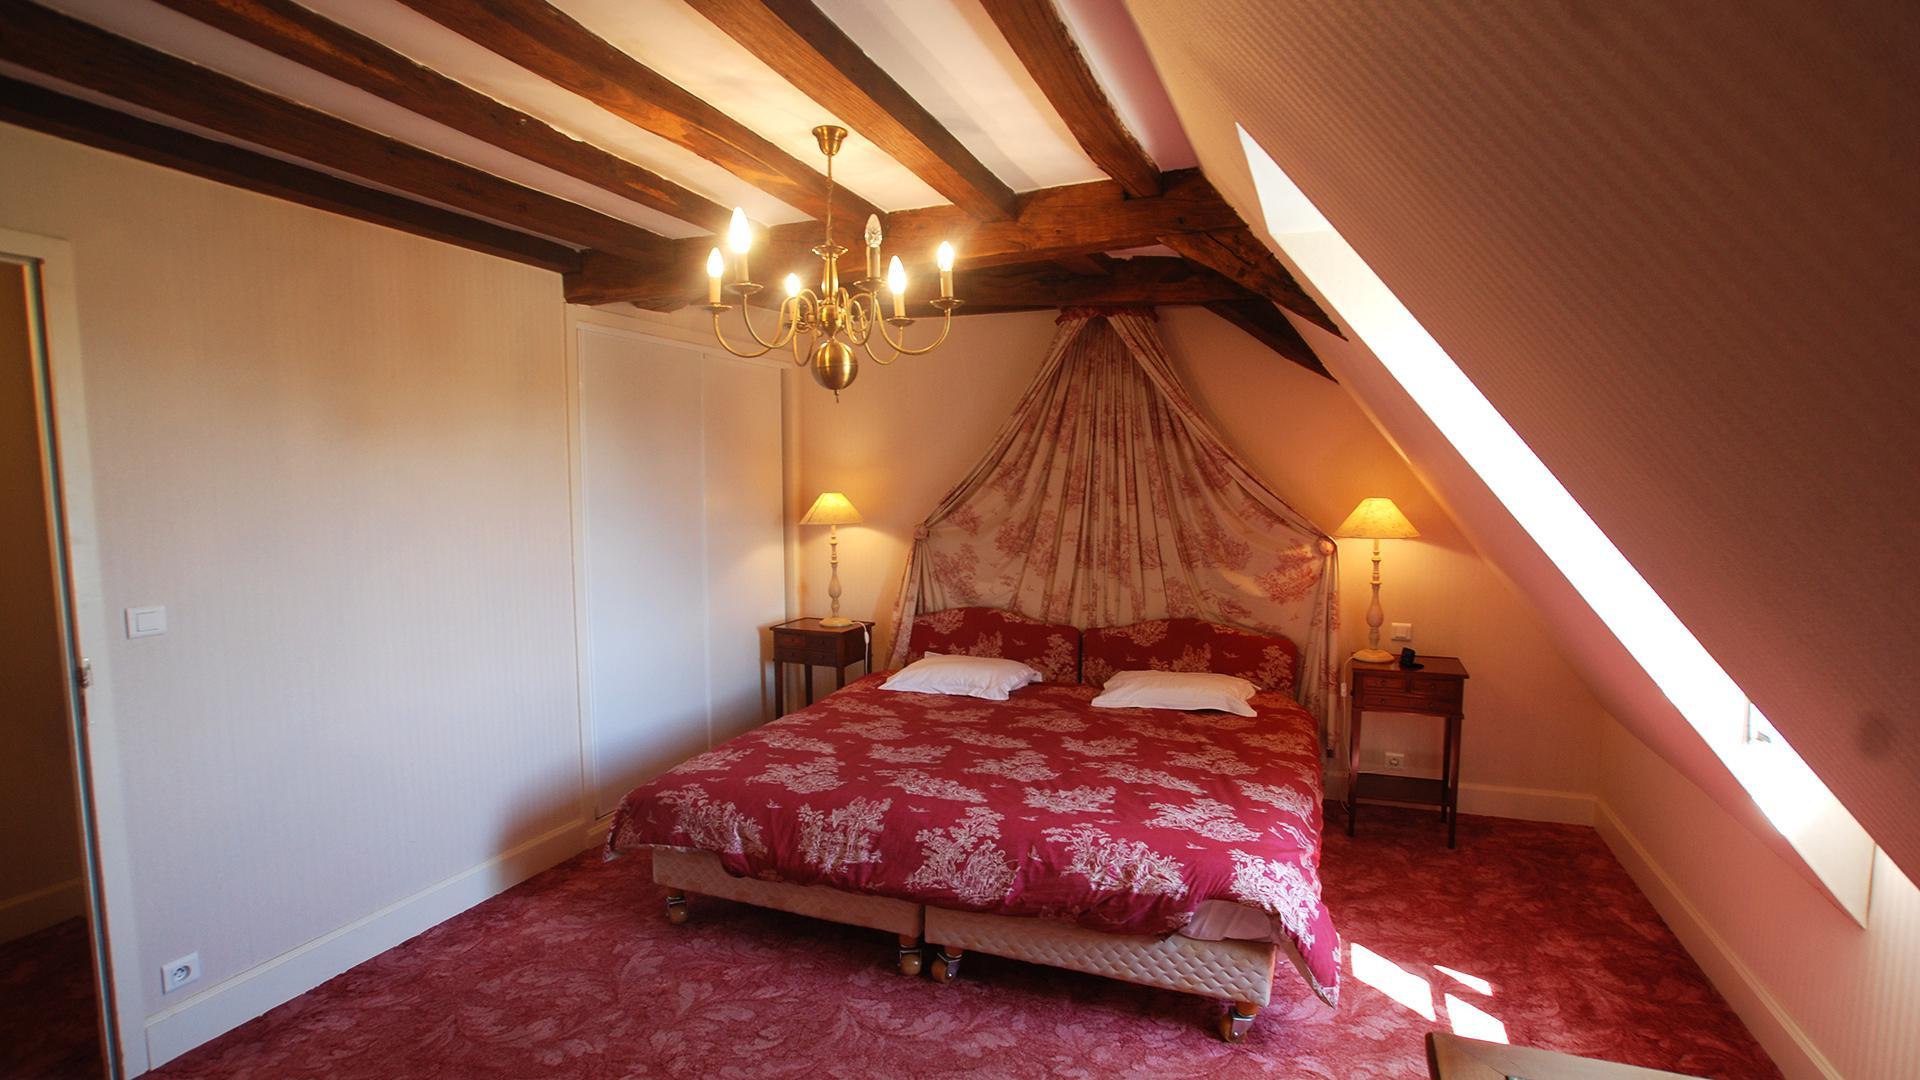 Chambres d h´tes et Roulottes  Saint Malo la Malouini¨re Launay Blot